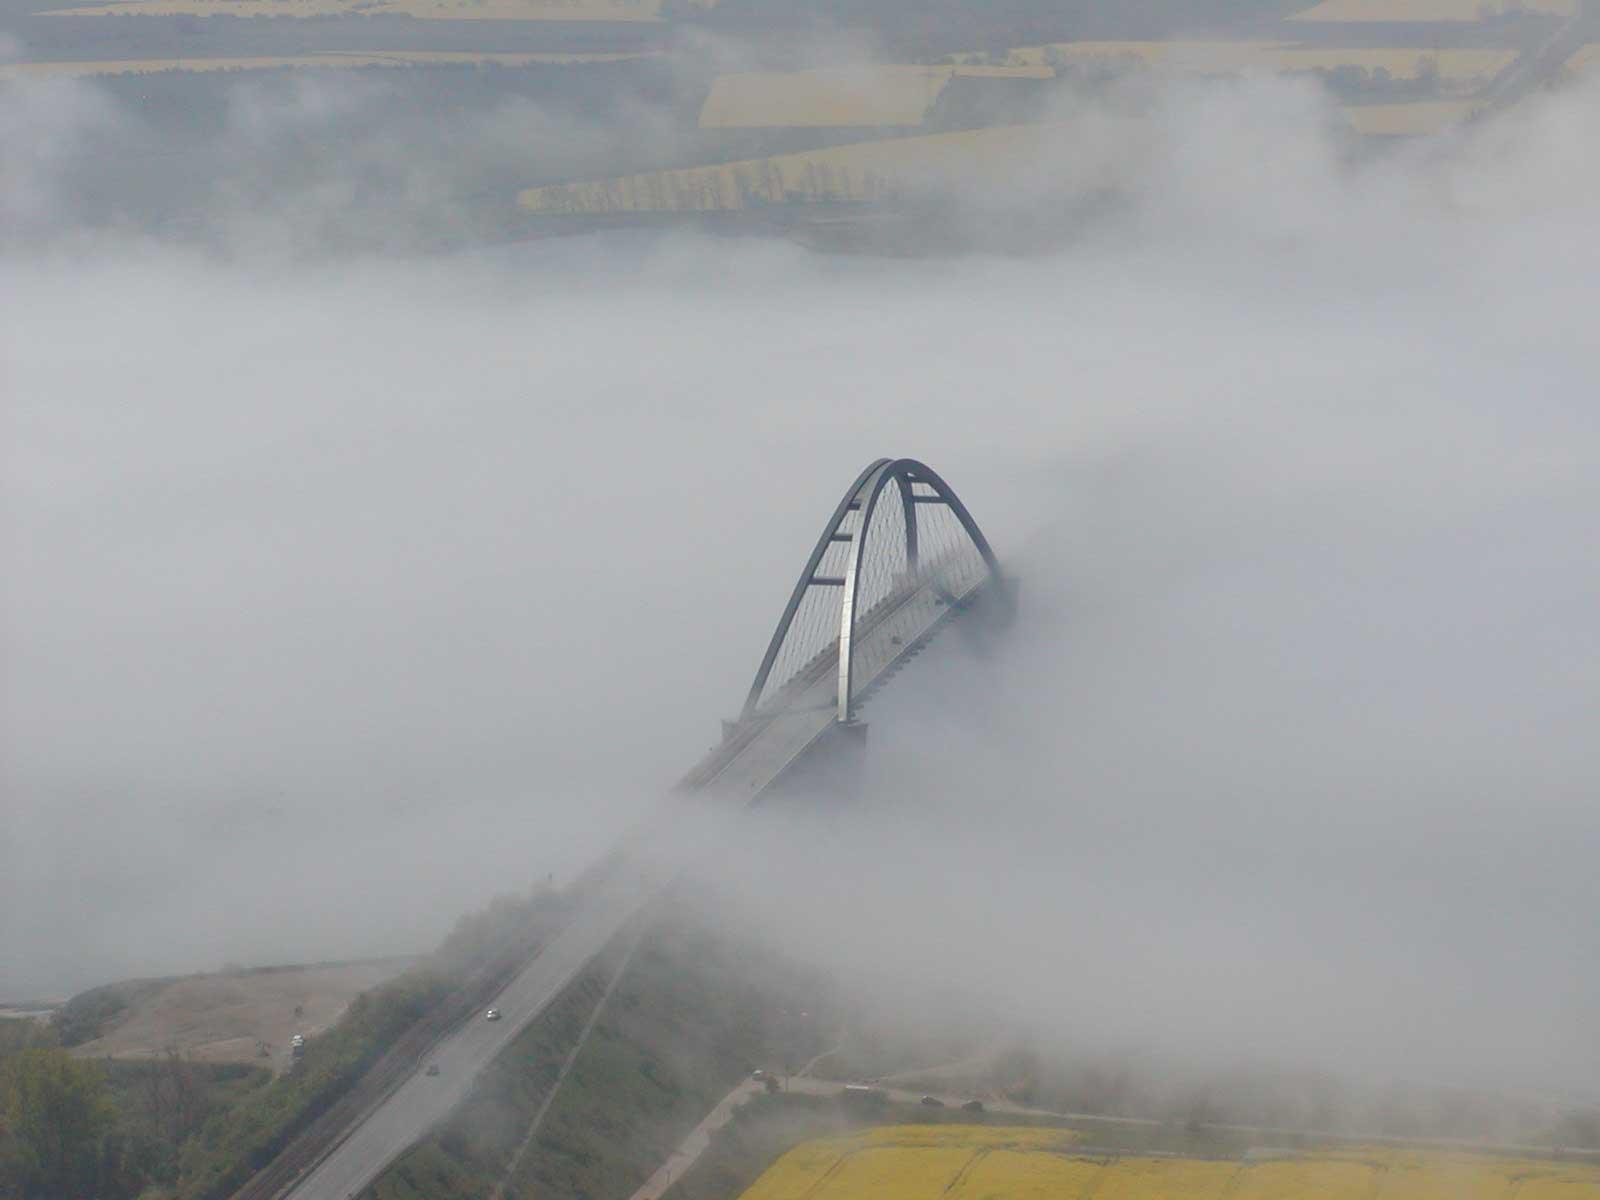 Kroz maglu...  - Page 2 Luftbild_bruecke_nebel_3